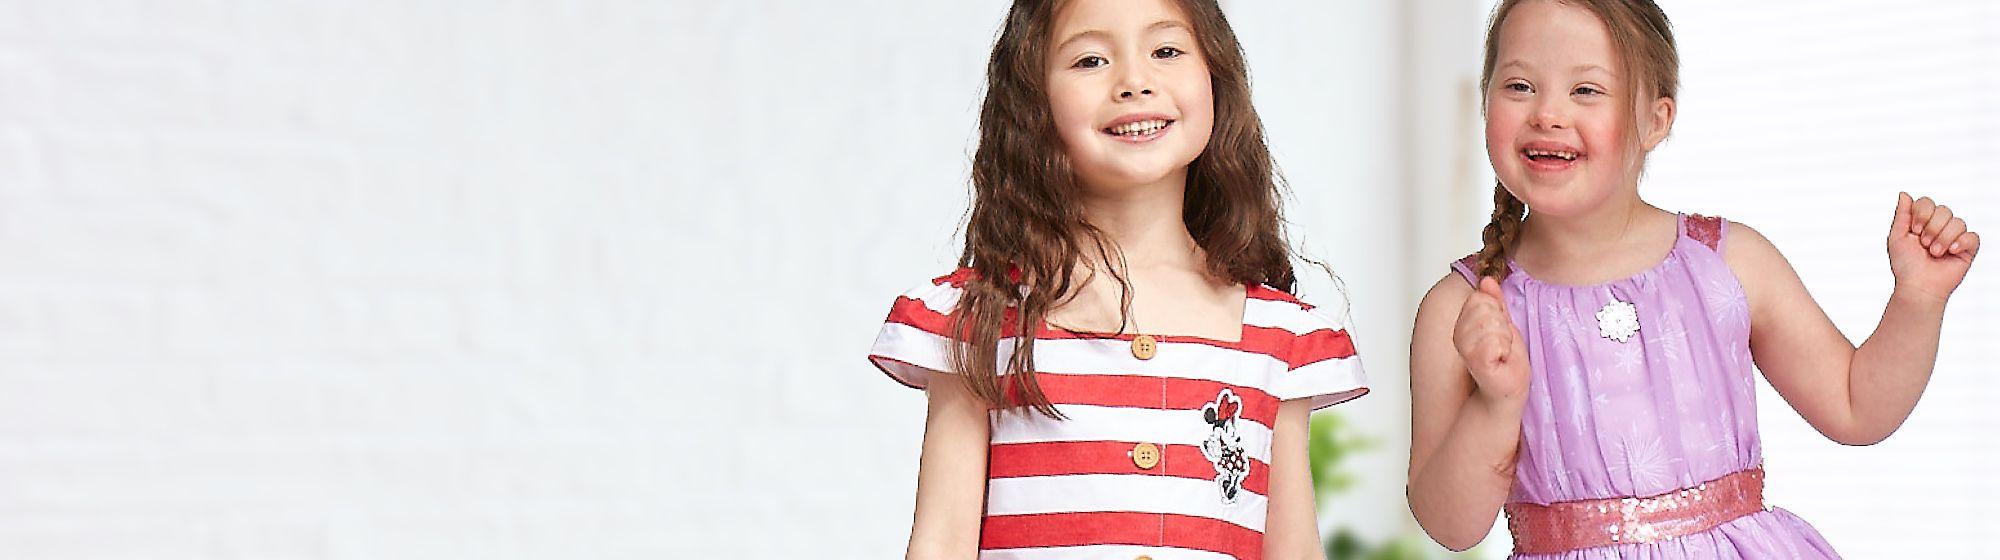 Kleidung für Mädchen Lass dich inspirieren und entdecke unsere wunderbare Auswahl an Kindermode für Mädchen wie Mäntel, Jacken und T-Shirts.